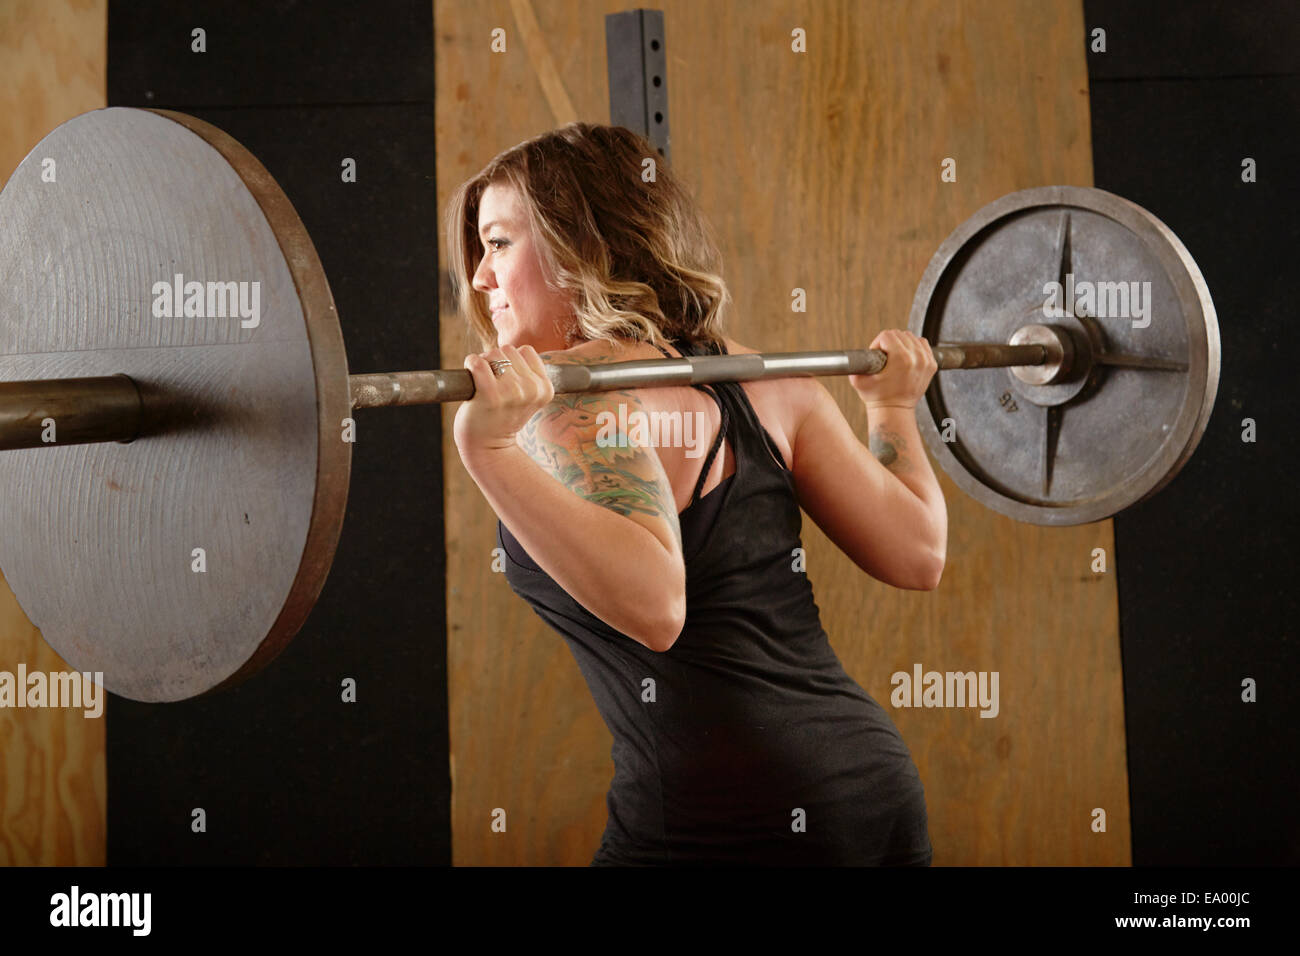 Mujer joven levantando barbell en gimnasio Imagen De Stock